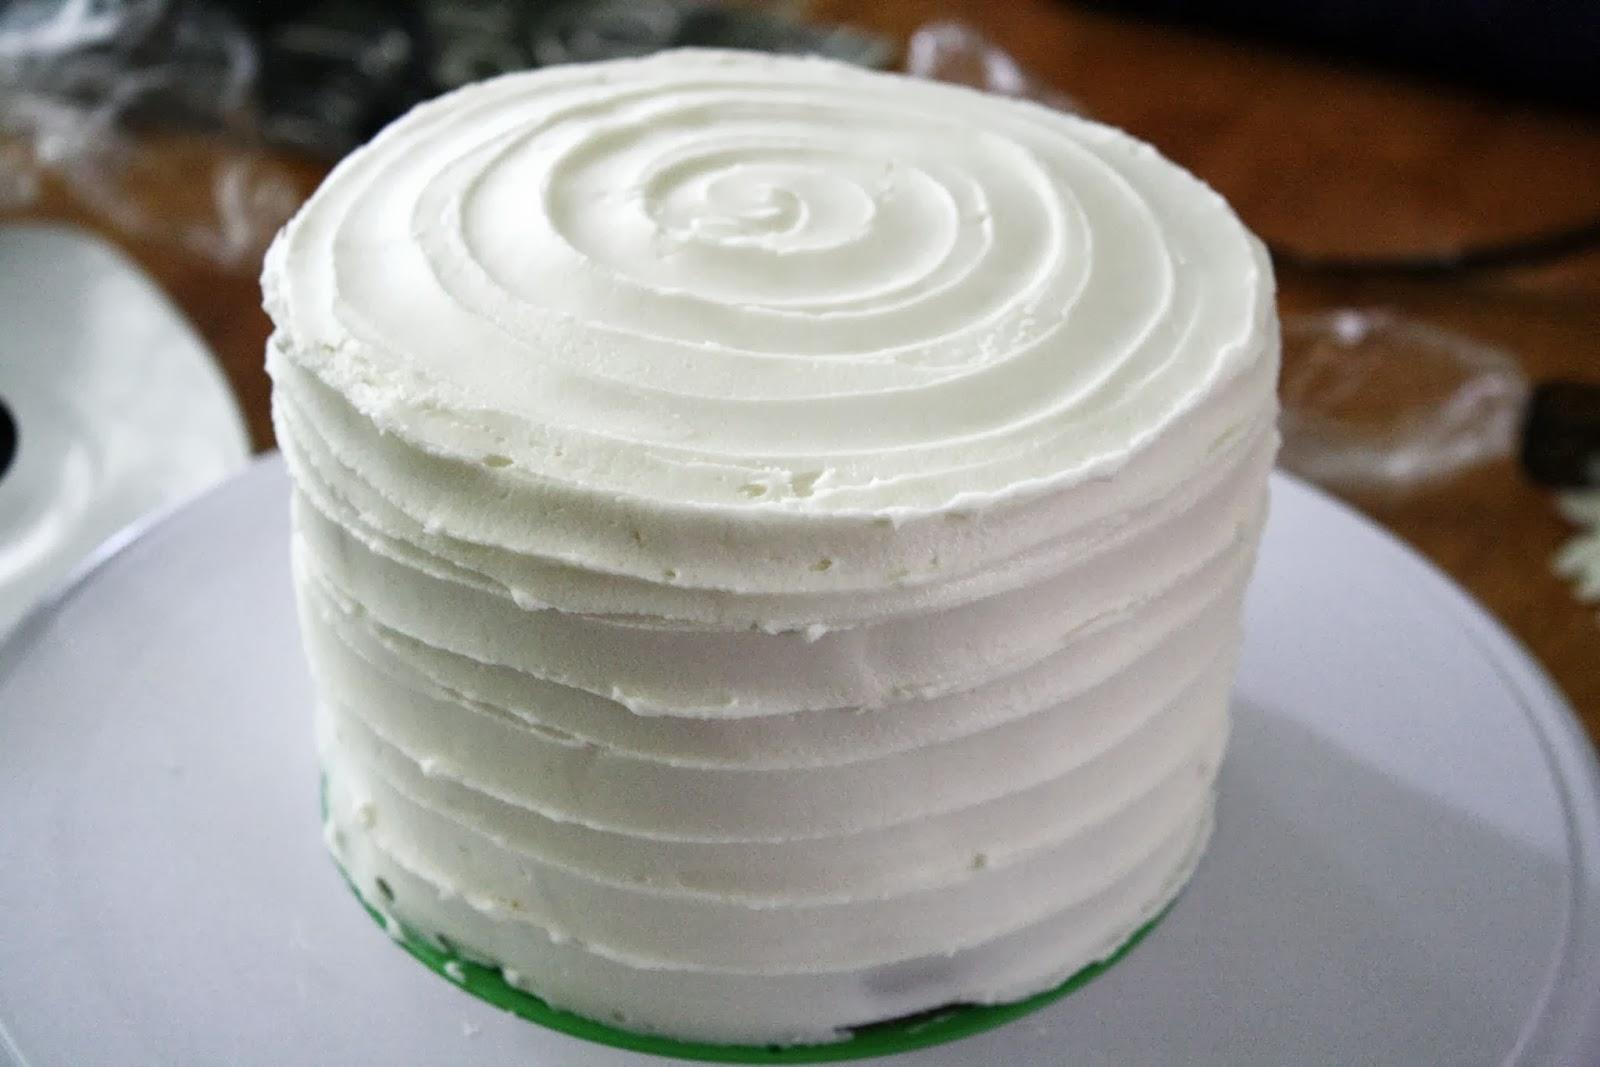 Cake Decorating Timeline Buttercream : Making Mama s Kitchen: Wedding Cake Timeline